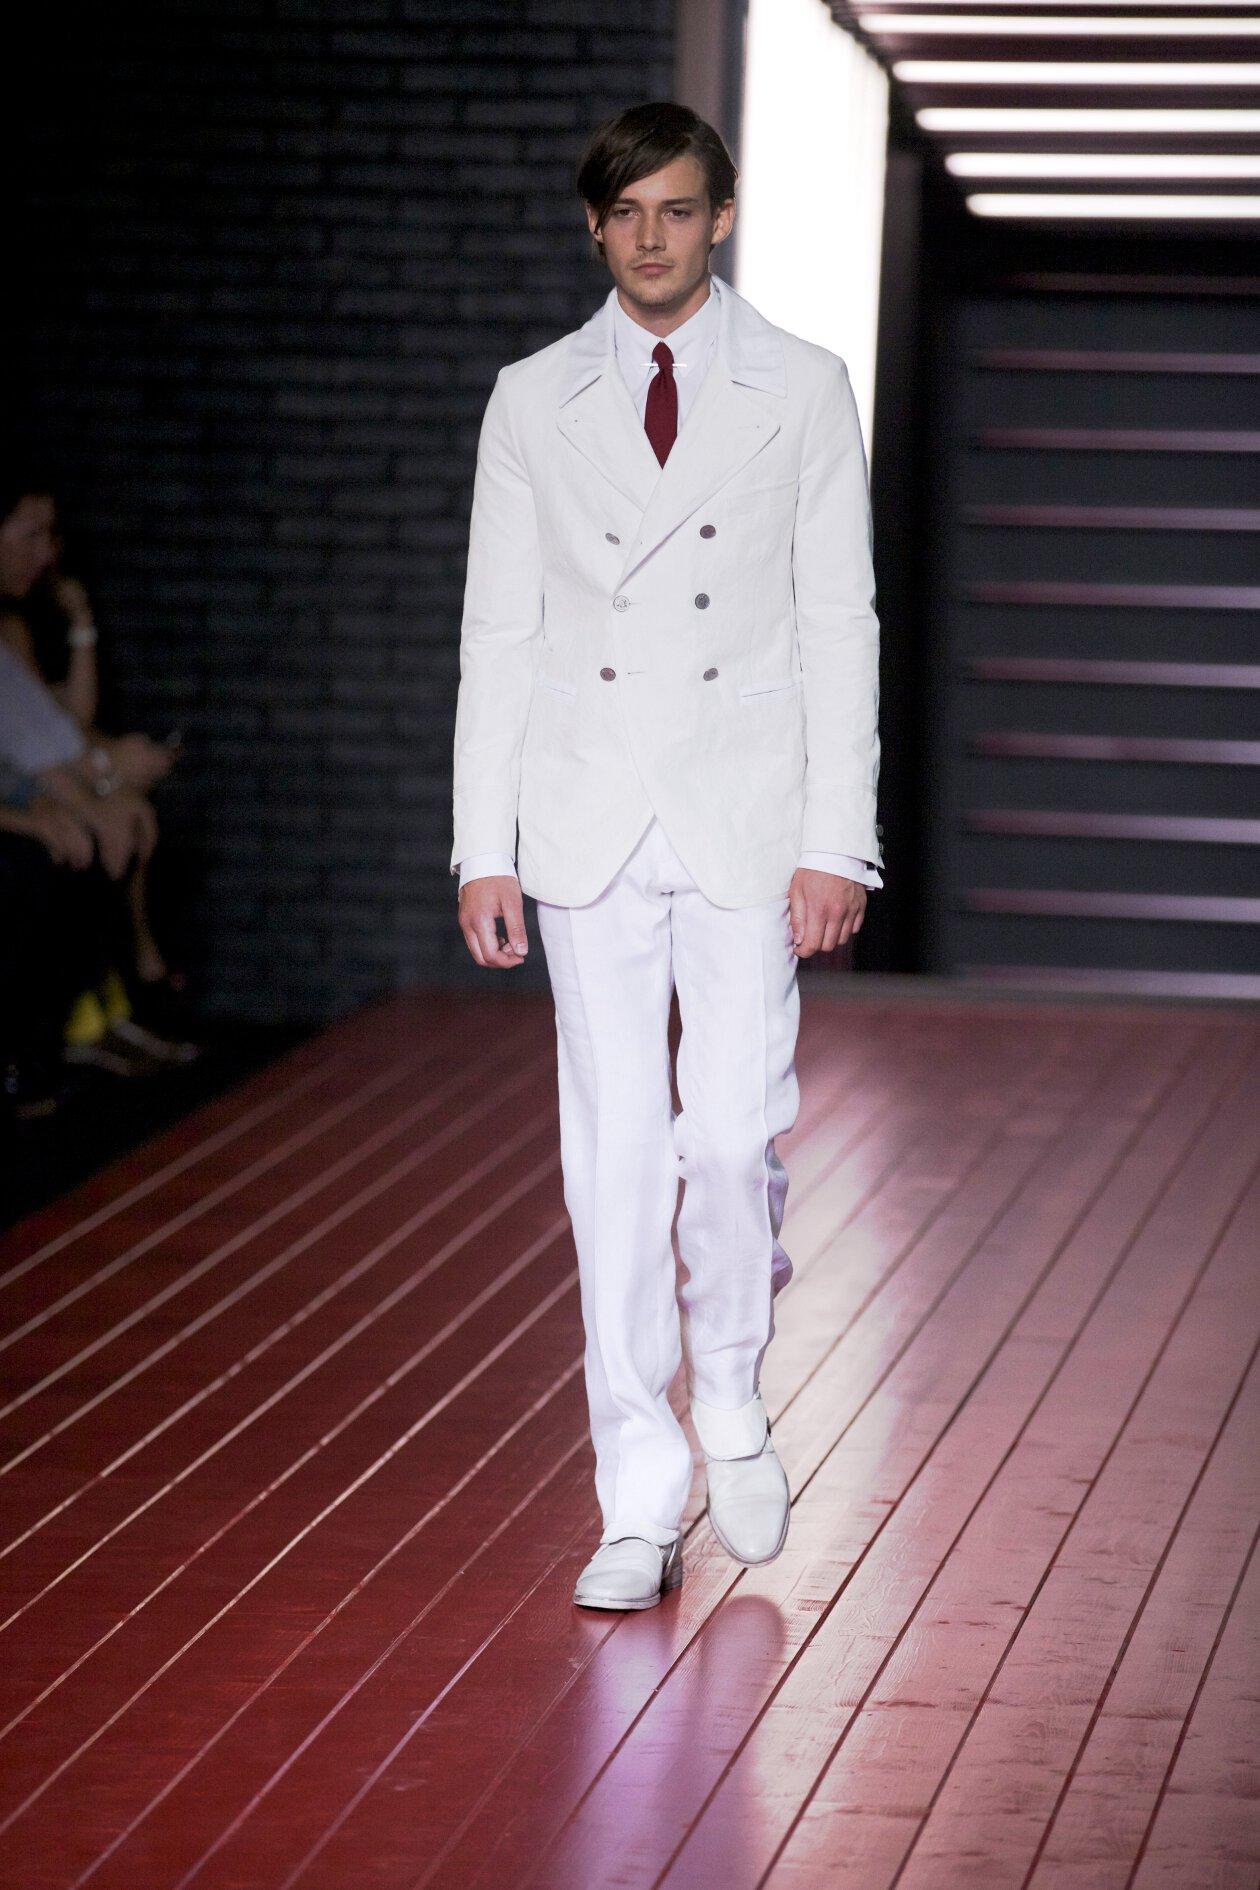 John Varvatos Spring Summer 2013 Men's Collection - Milano Fashion Week - John Varvatos 2013 SS